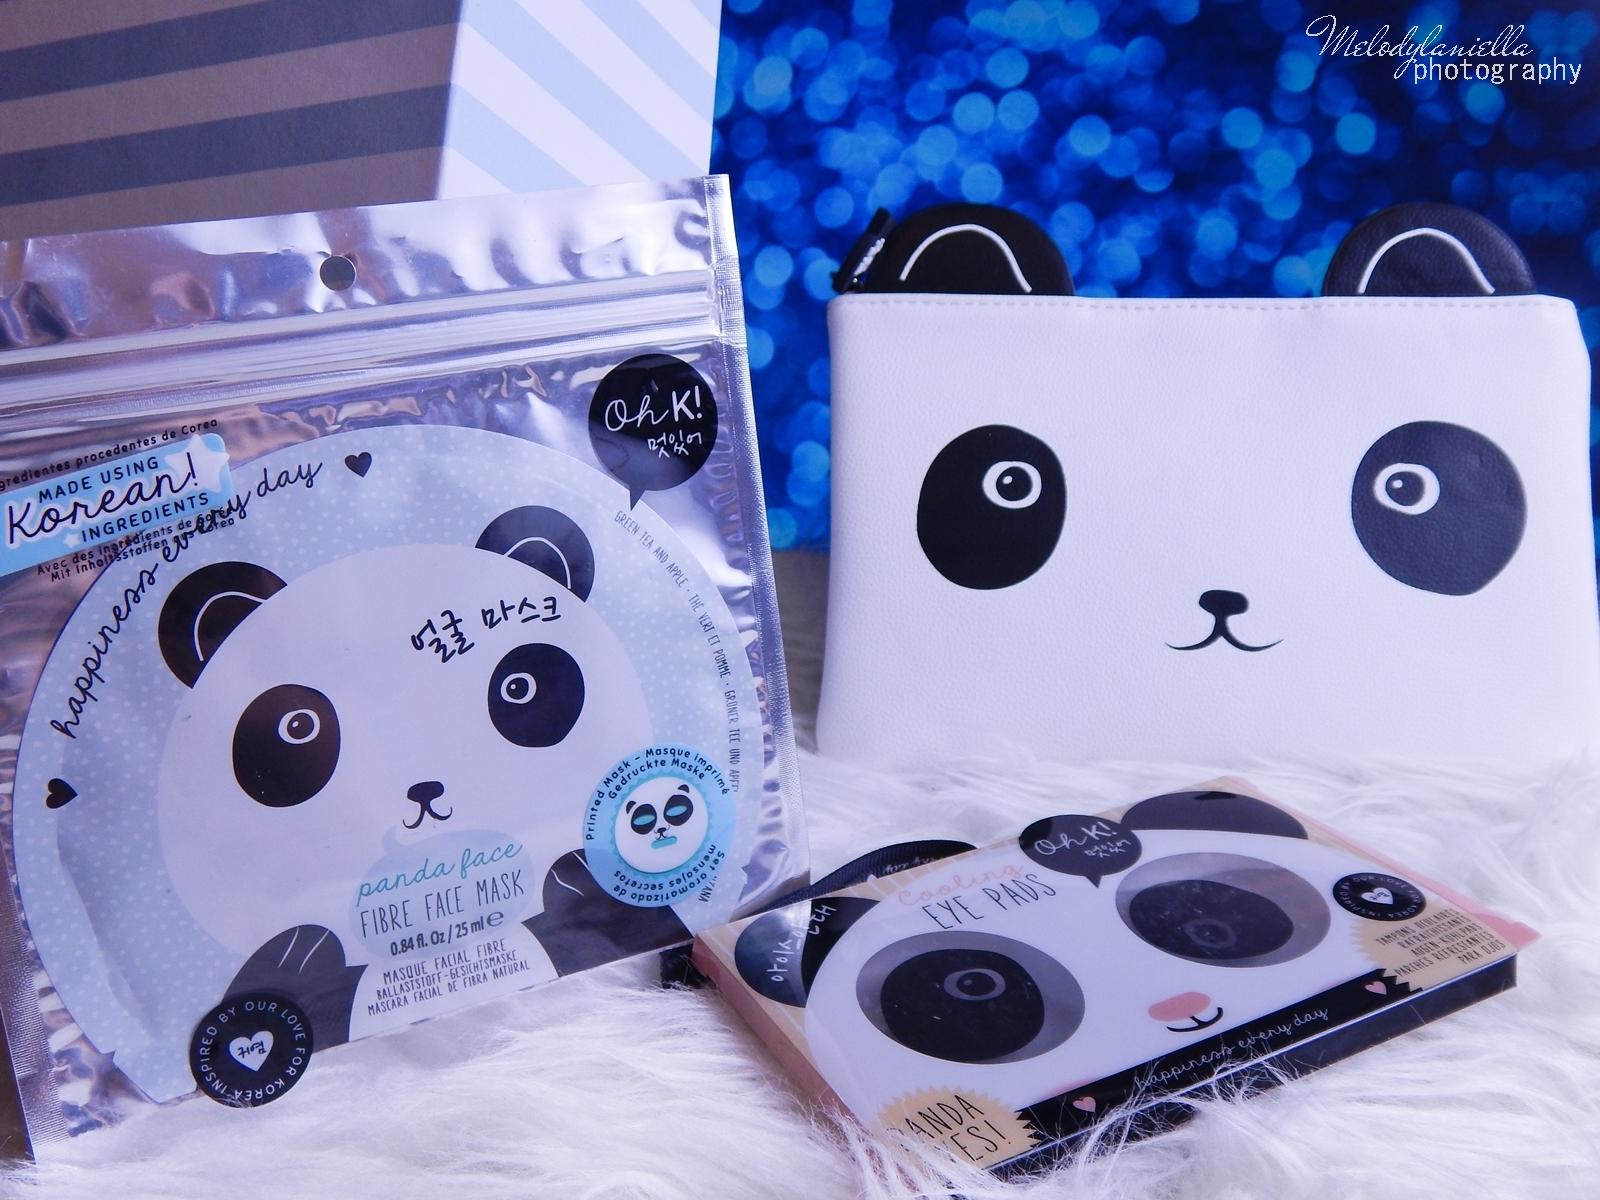 2 Oh! K Life koreańskie kosmetyki i gadżety słodkie dziewczęce dodatki maska do twarzy panda kosmetyczka w kształcie pandy lodowe płatki chłodzące okłady na oczy przeciw sińcom jak pozbyć się sińców pod oczami